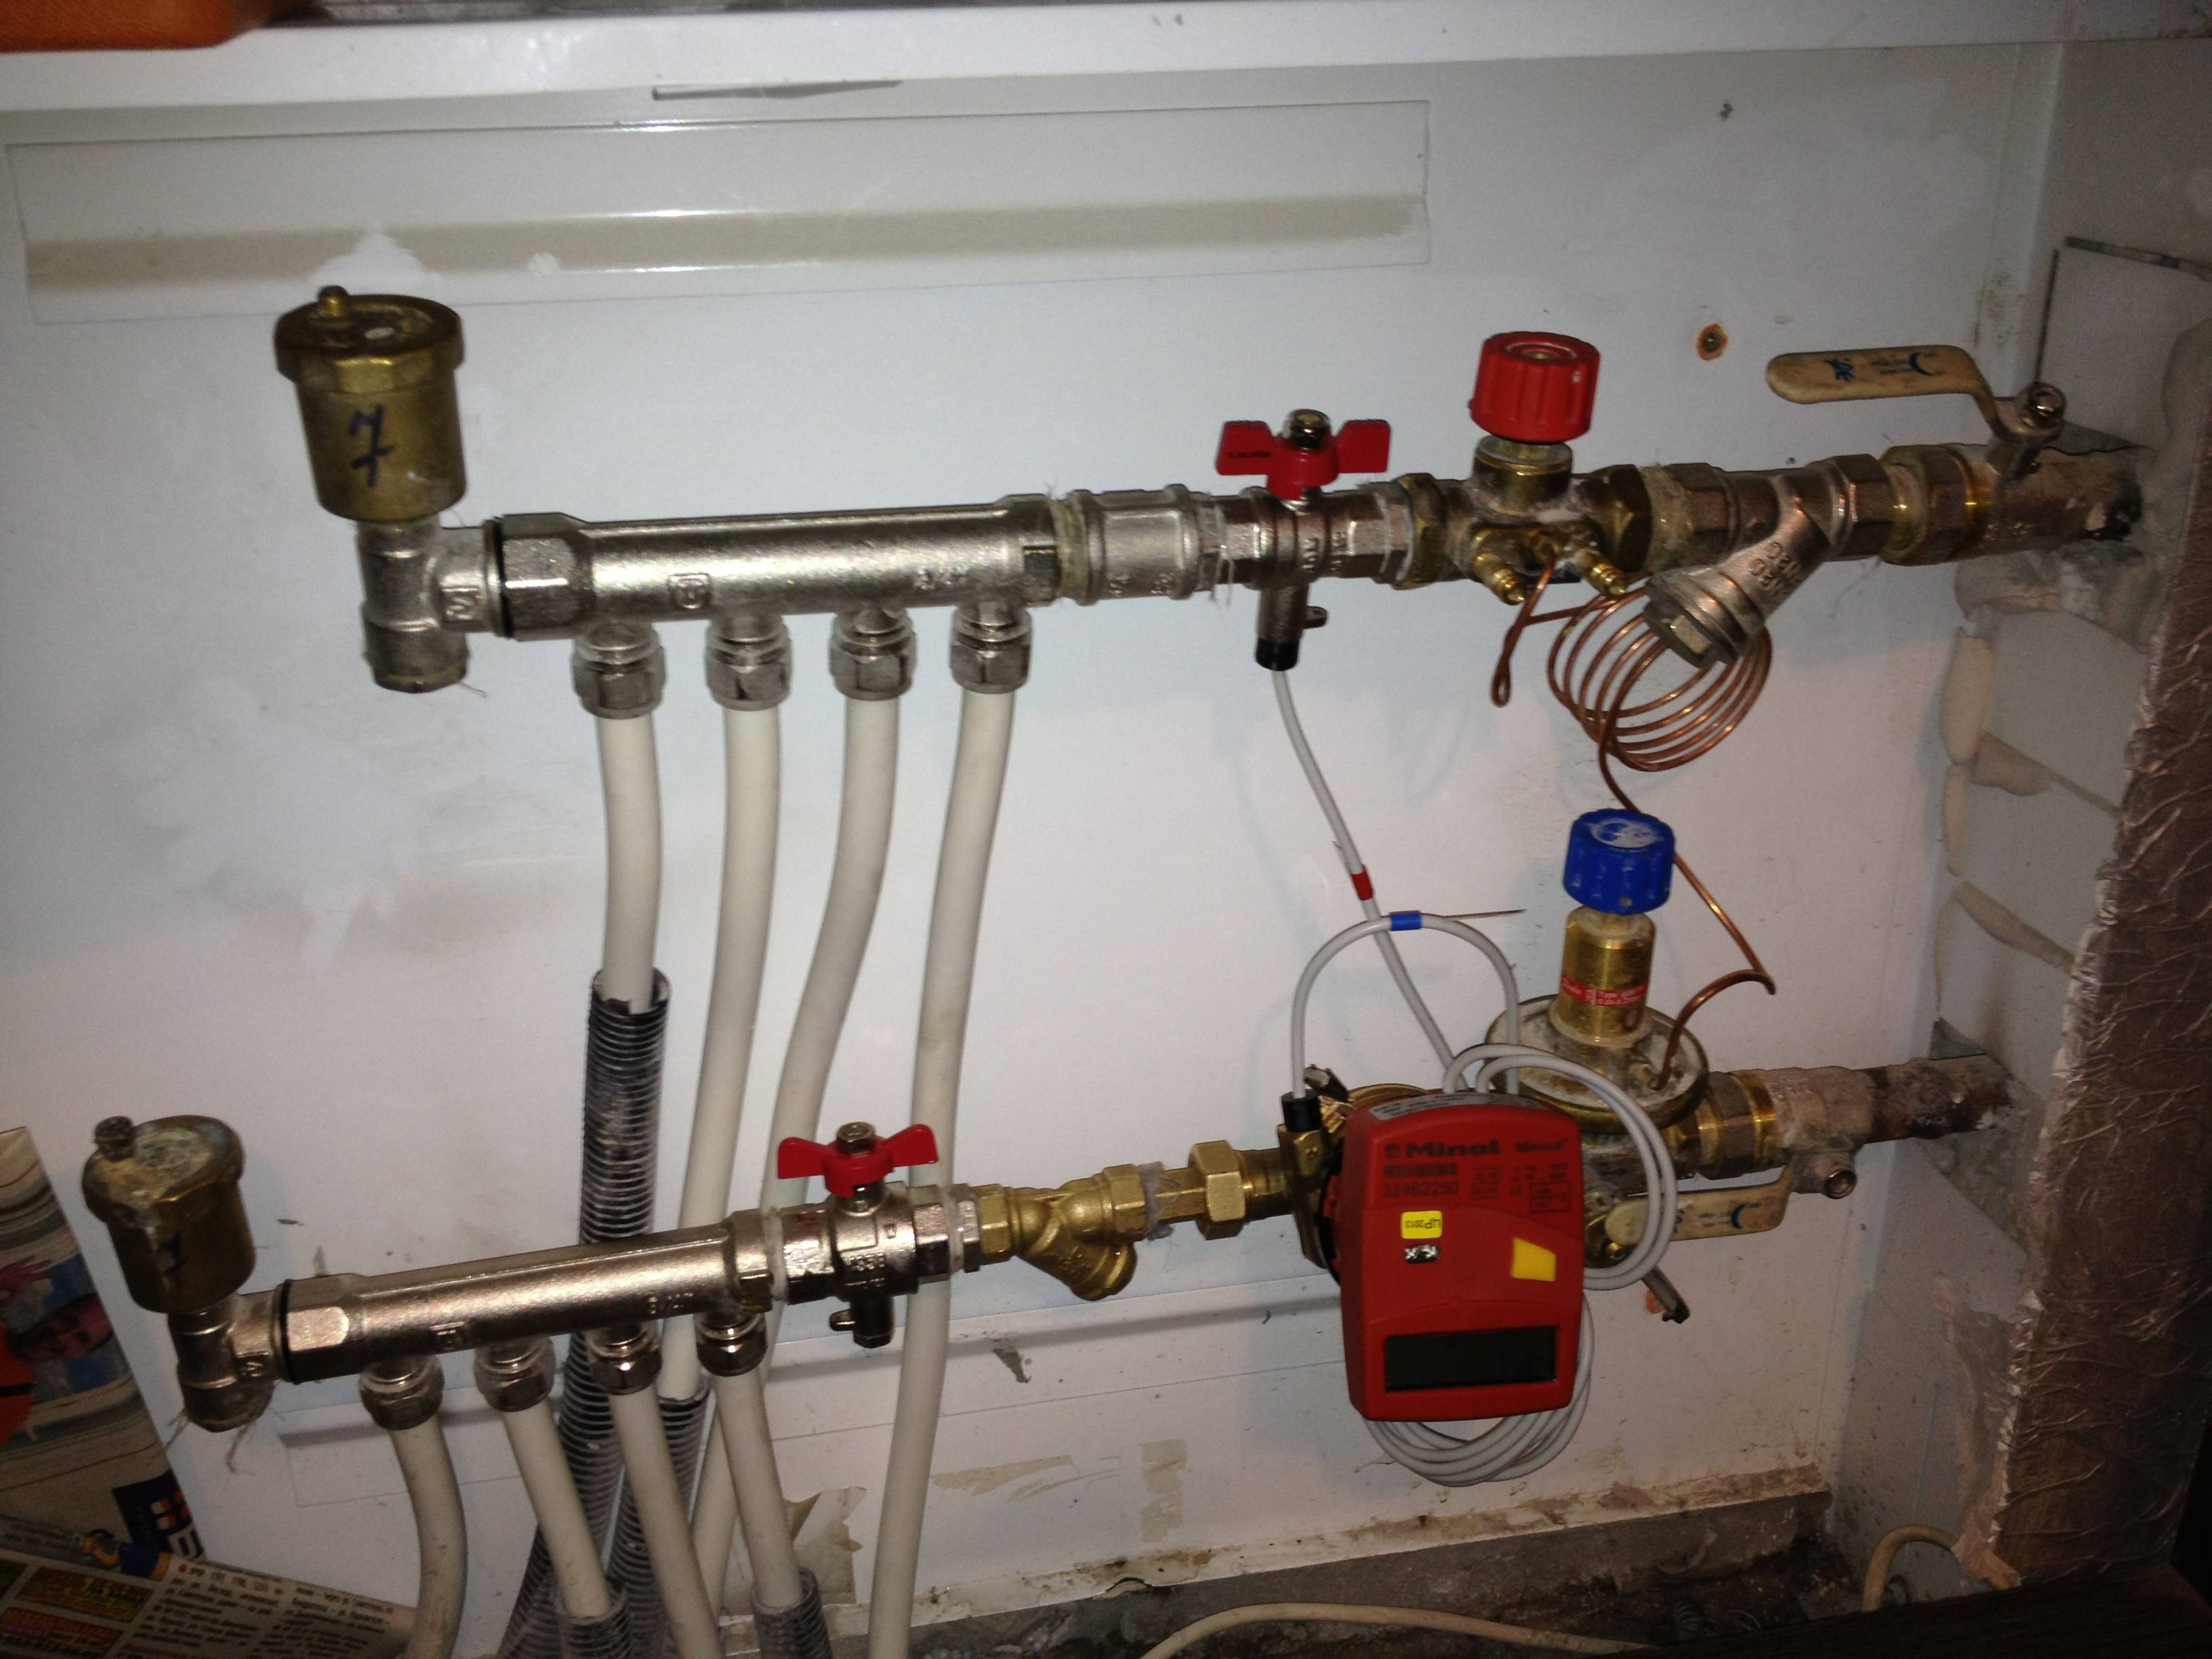 Как поставить счетчики на отопление в квартире, в чем подводные камни установки и учета